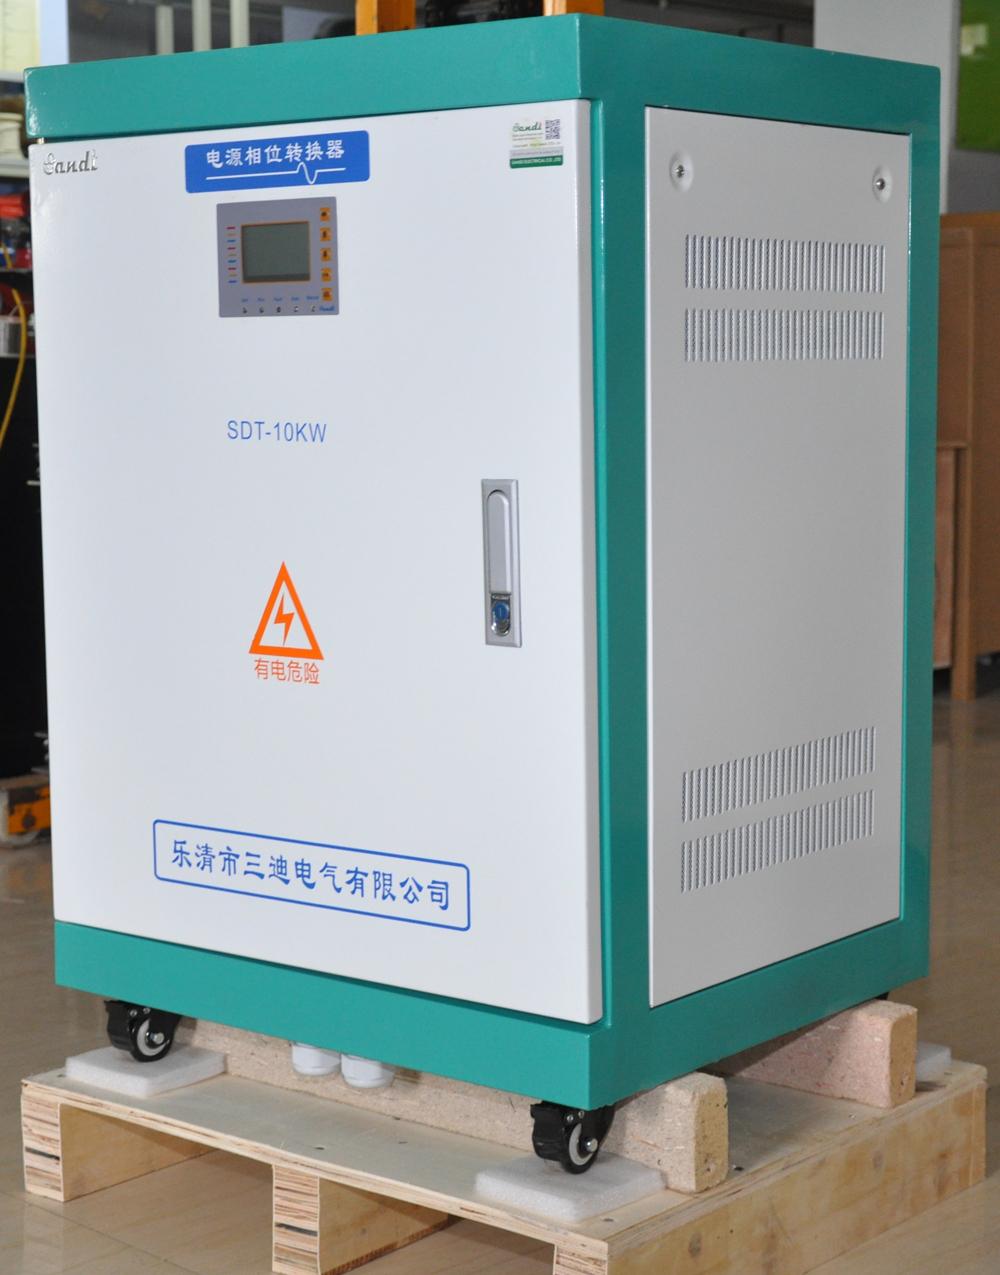 10KW Two Phase 110/220V to 3 Phase 380V Converter